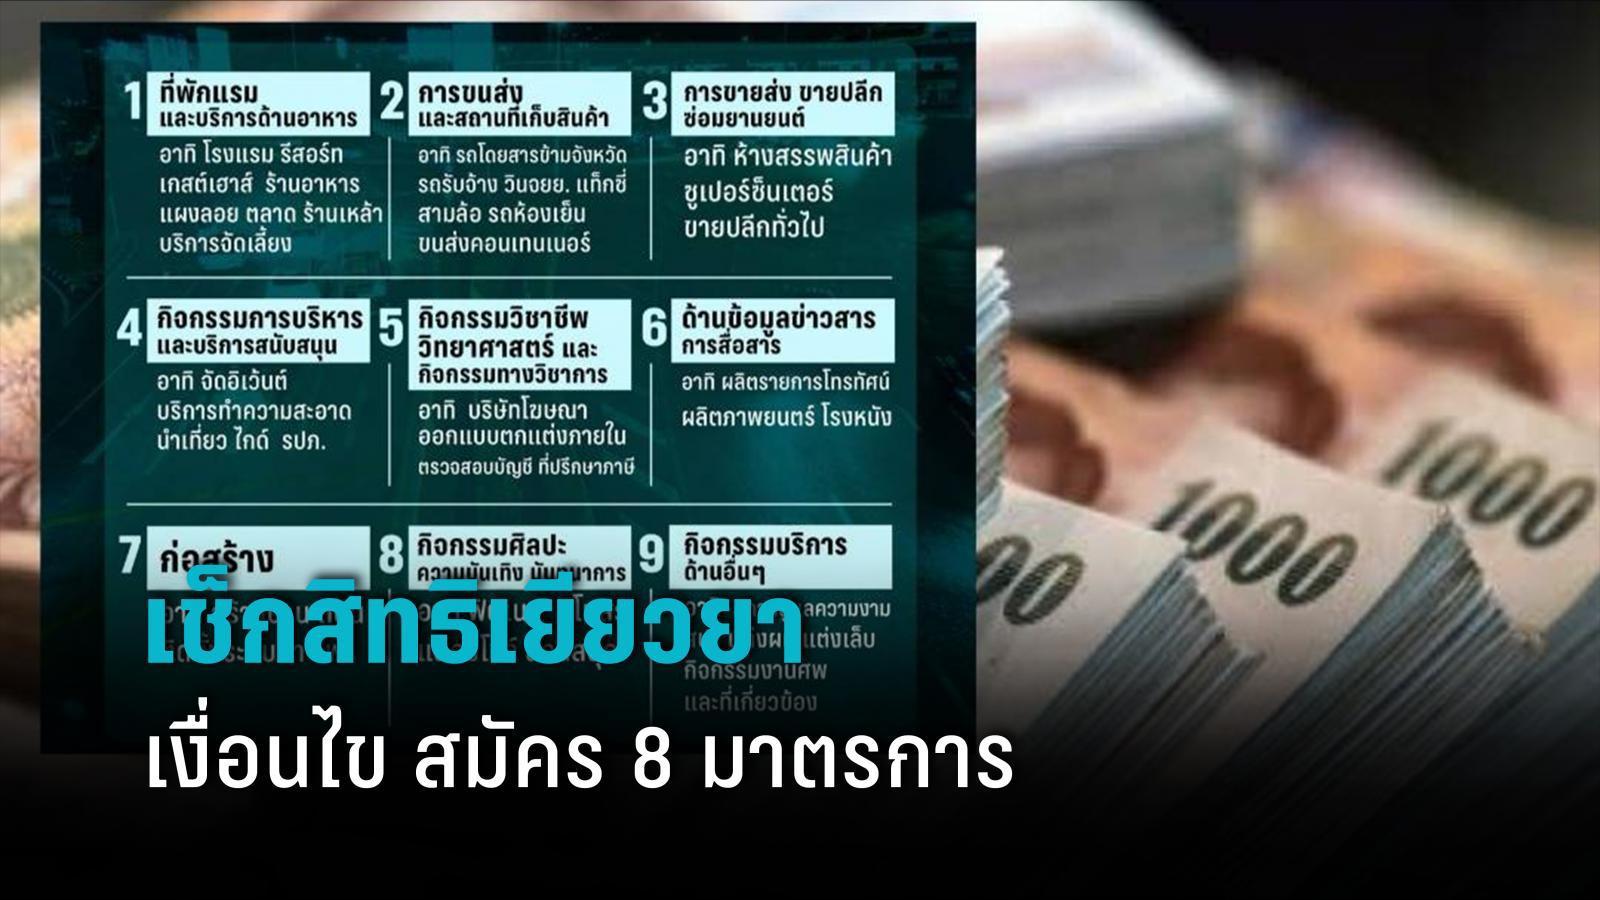 ตรวจสอบสิทธิเยียวยาล็อกดาวน์ ม.33 ม.39 - 40 รายละเอียด 9 กลุ่มกิจการ อาชีพได้สิทธิรับเงิน 8 มาตรการ